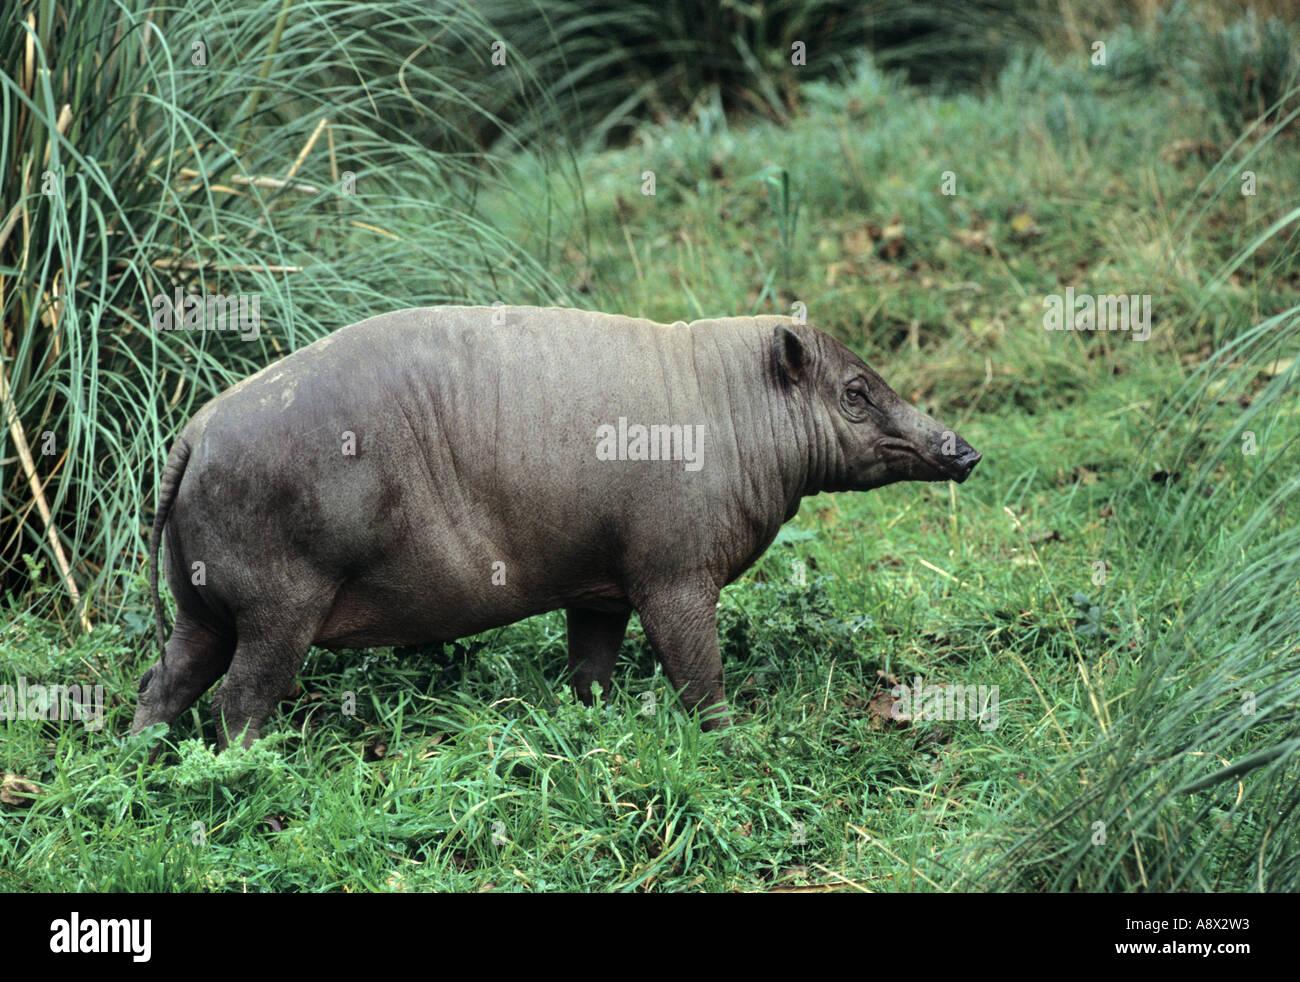 Babirusa Babyrousa babyrussa Sulawesi Captive - Stock Image